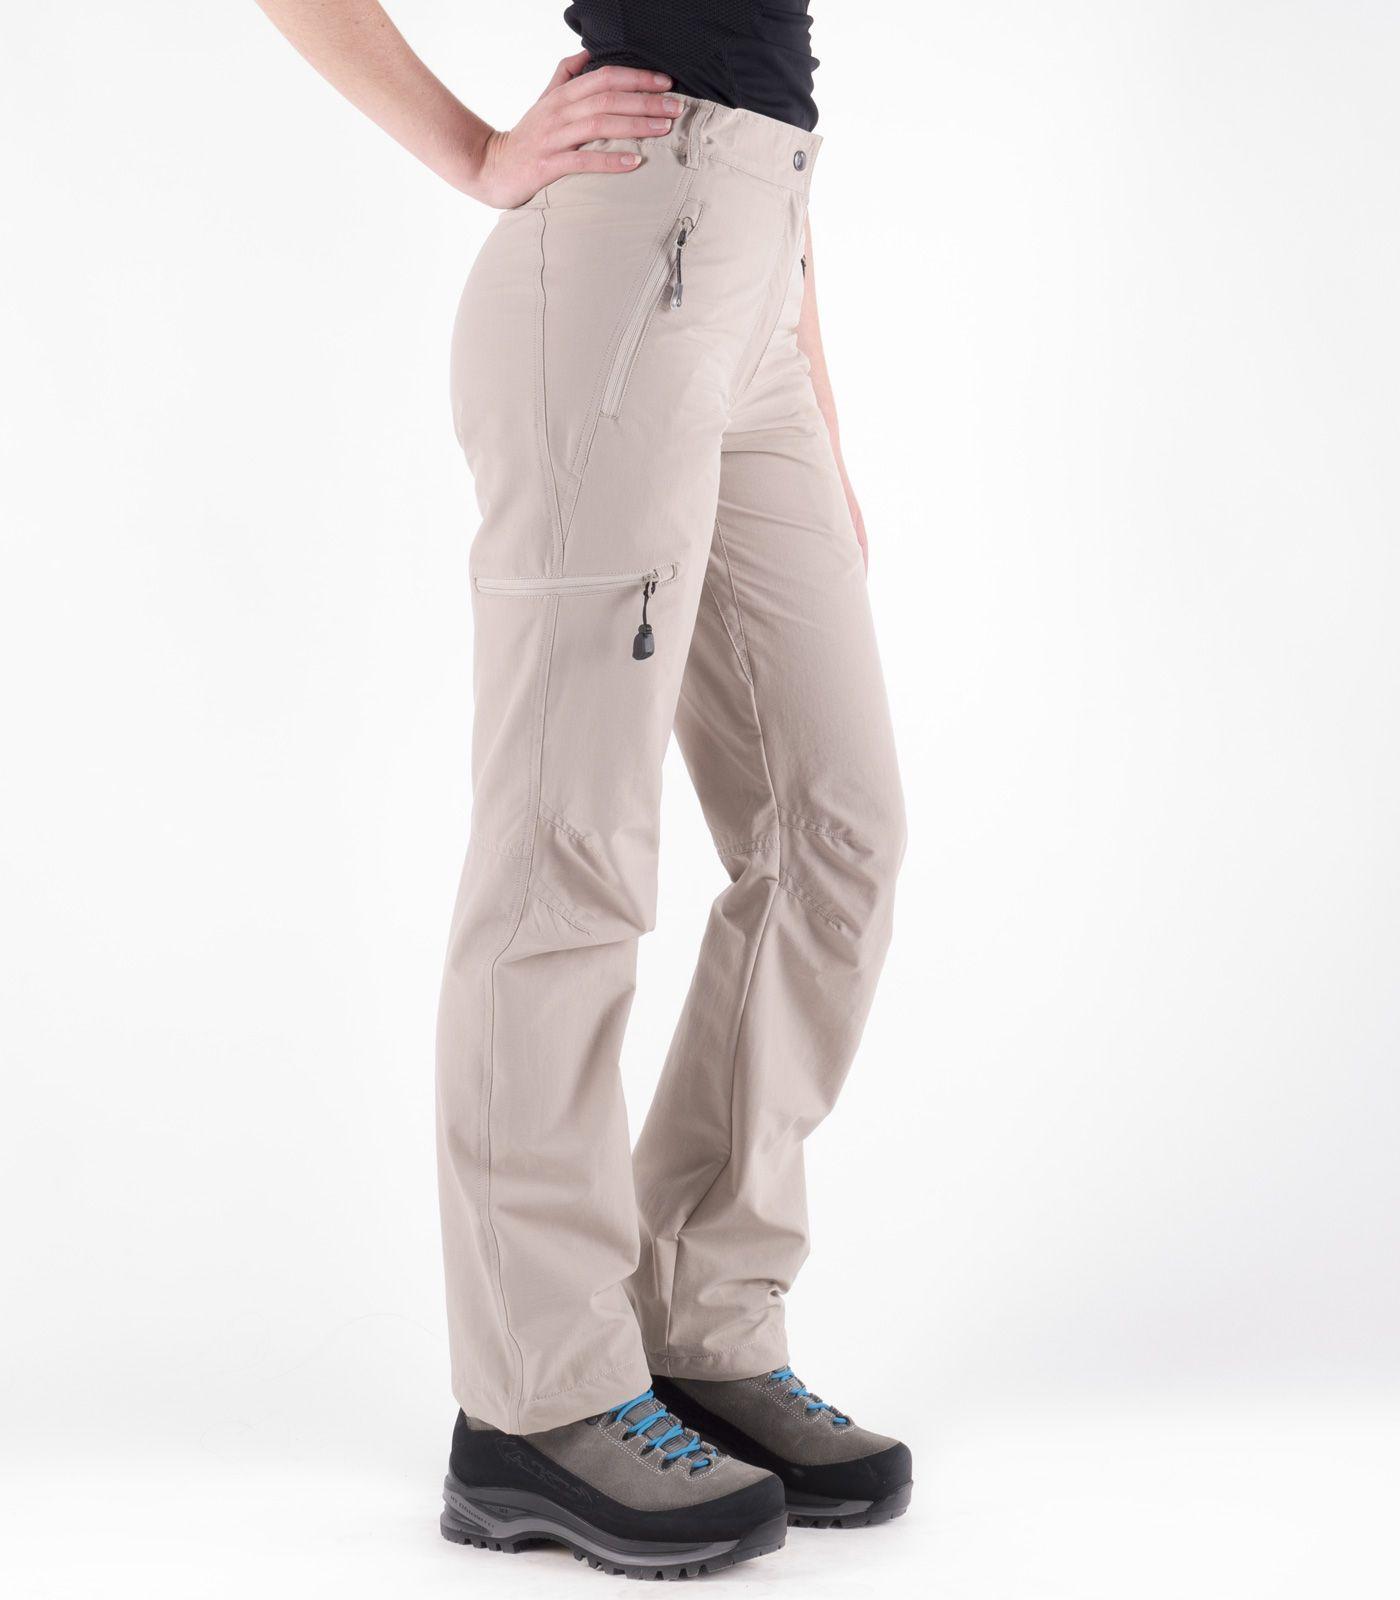 Pantalon Leger Femme Interstice Randonnee De Vêtements Voyage ggrTqza